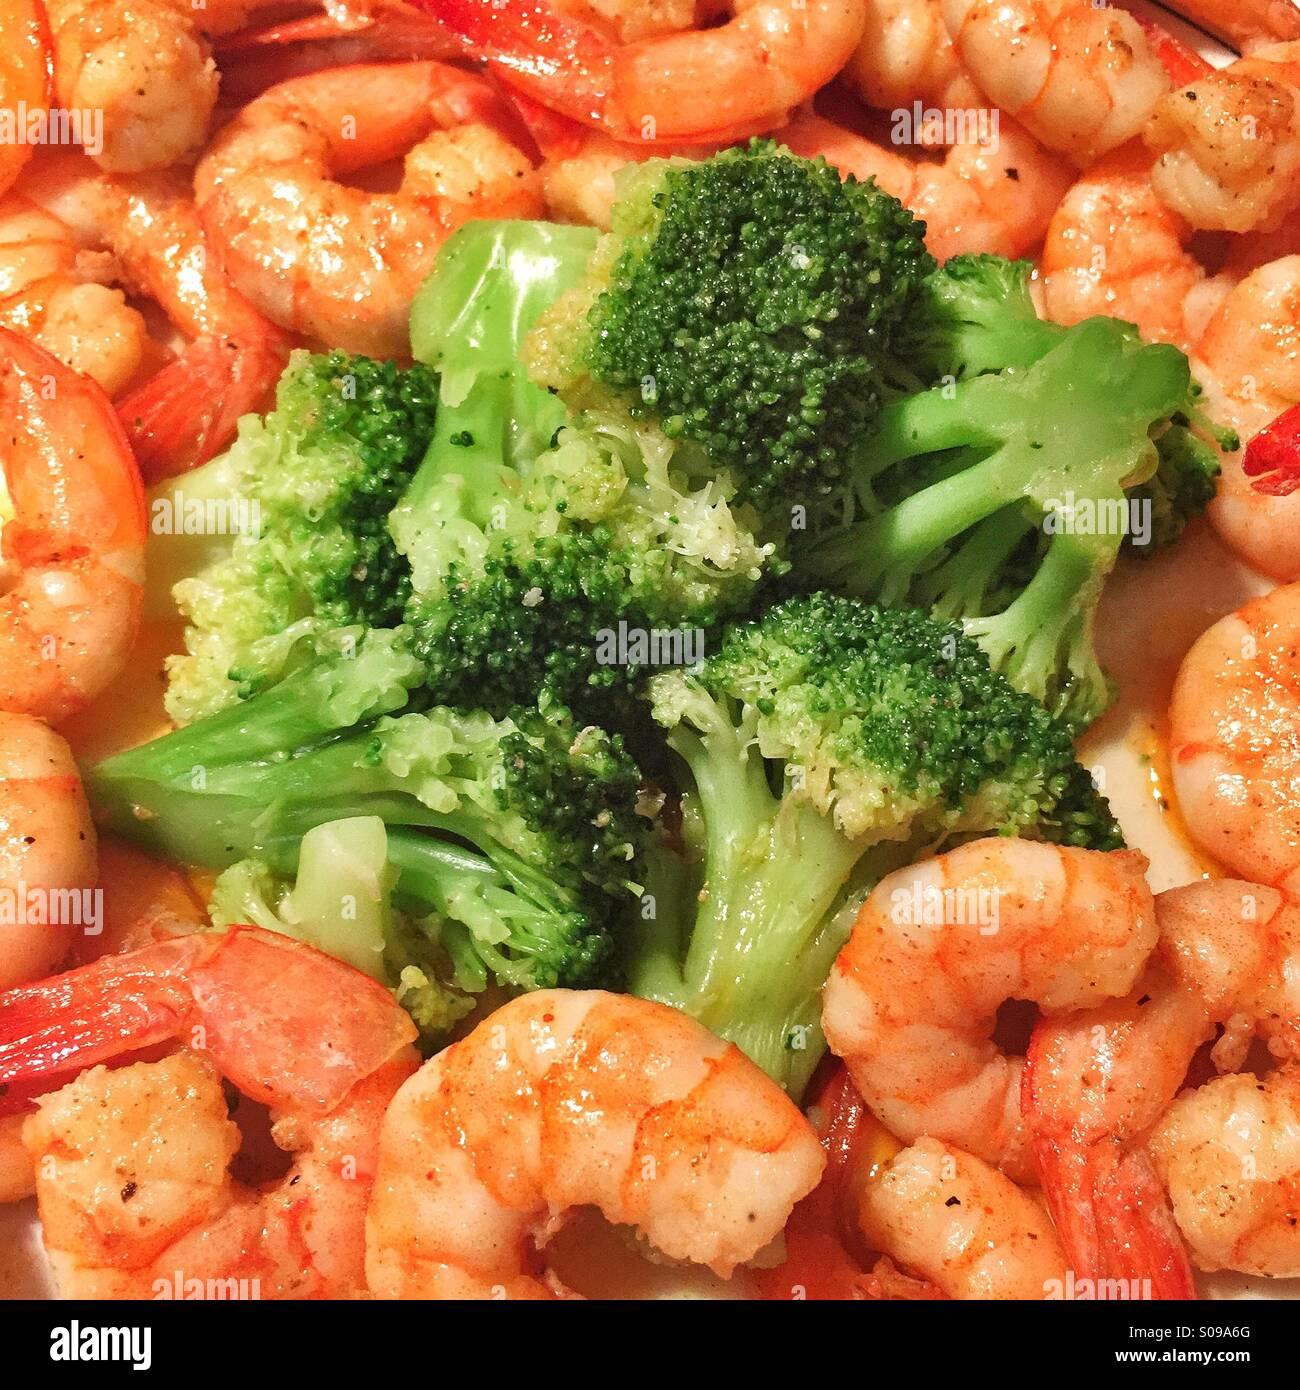 Gourmet-Restaurants Erfahrung mit einem bunten Brokkoli und Garnelen dinner Stockbild